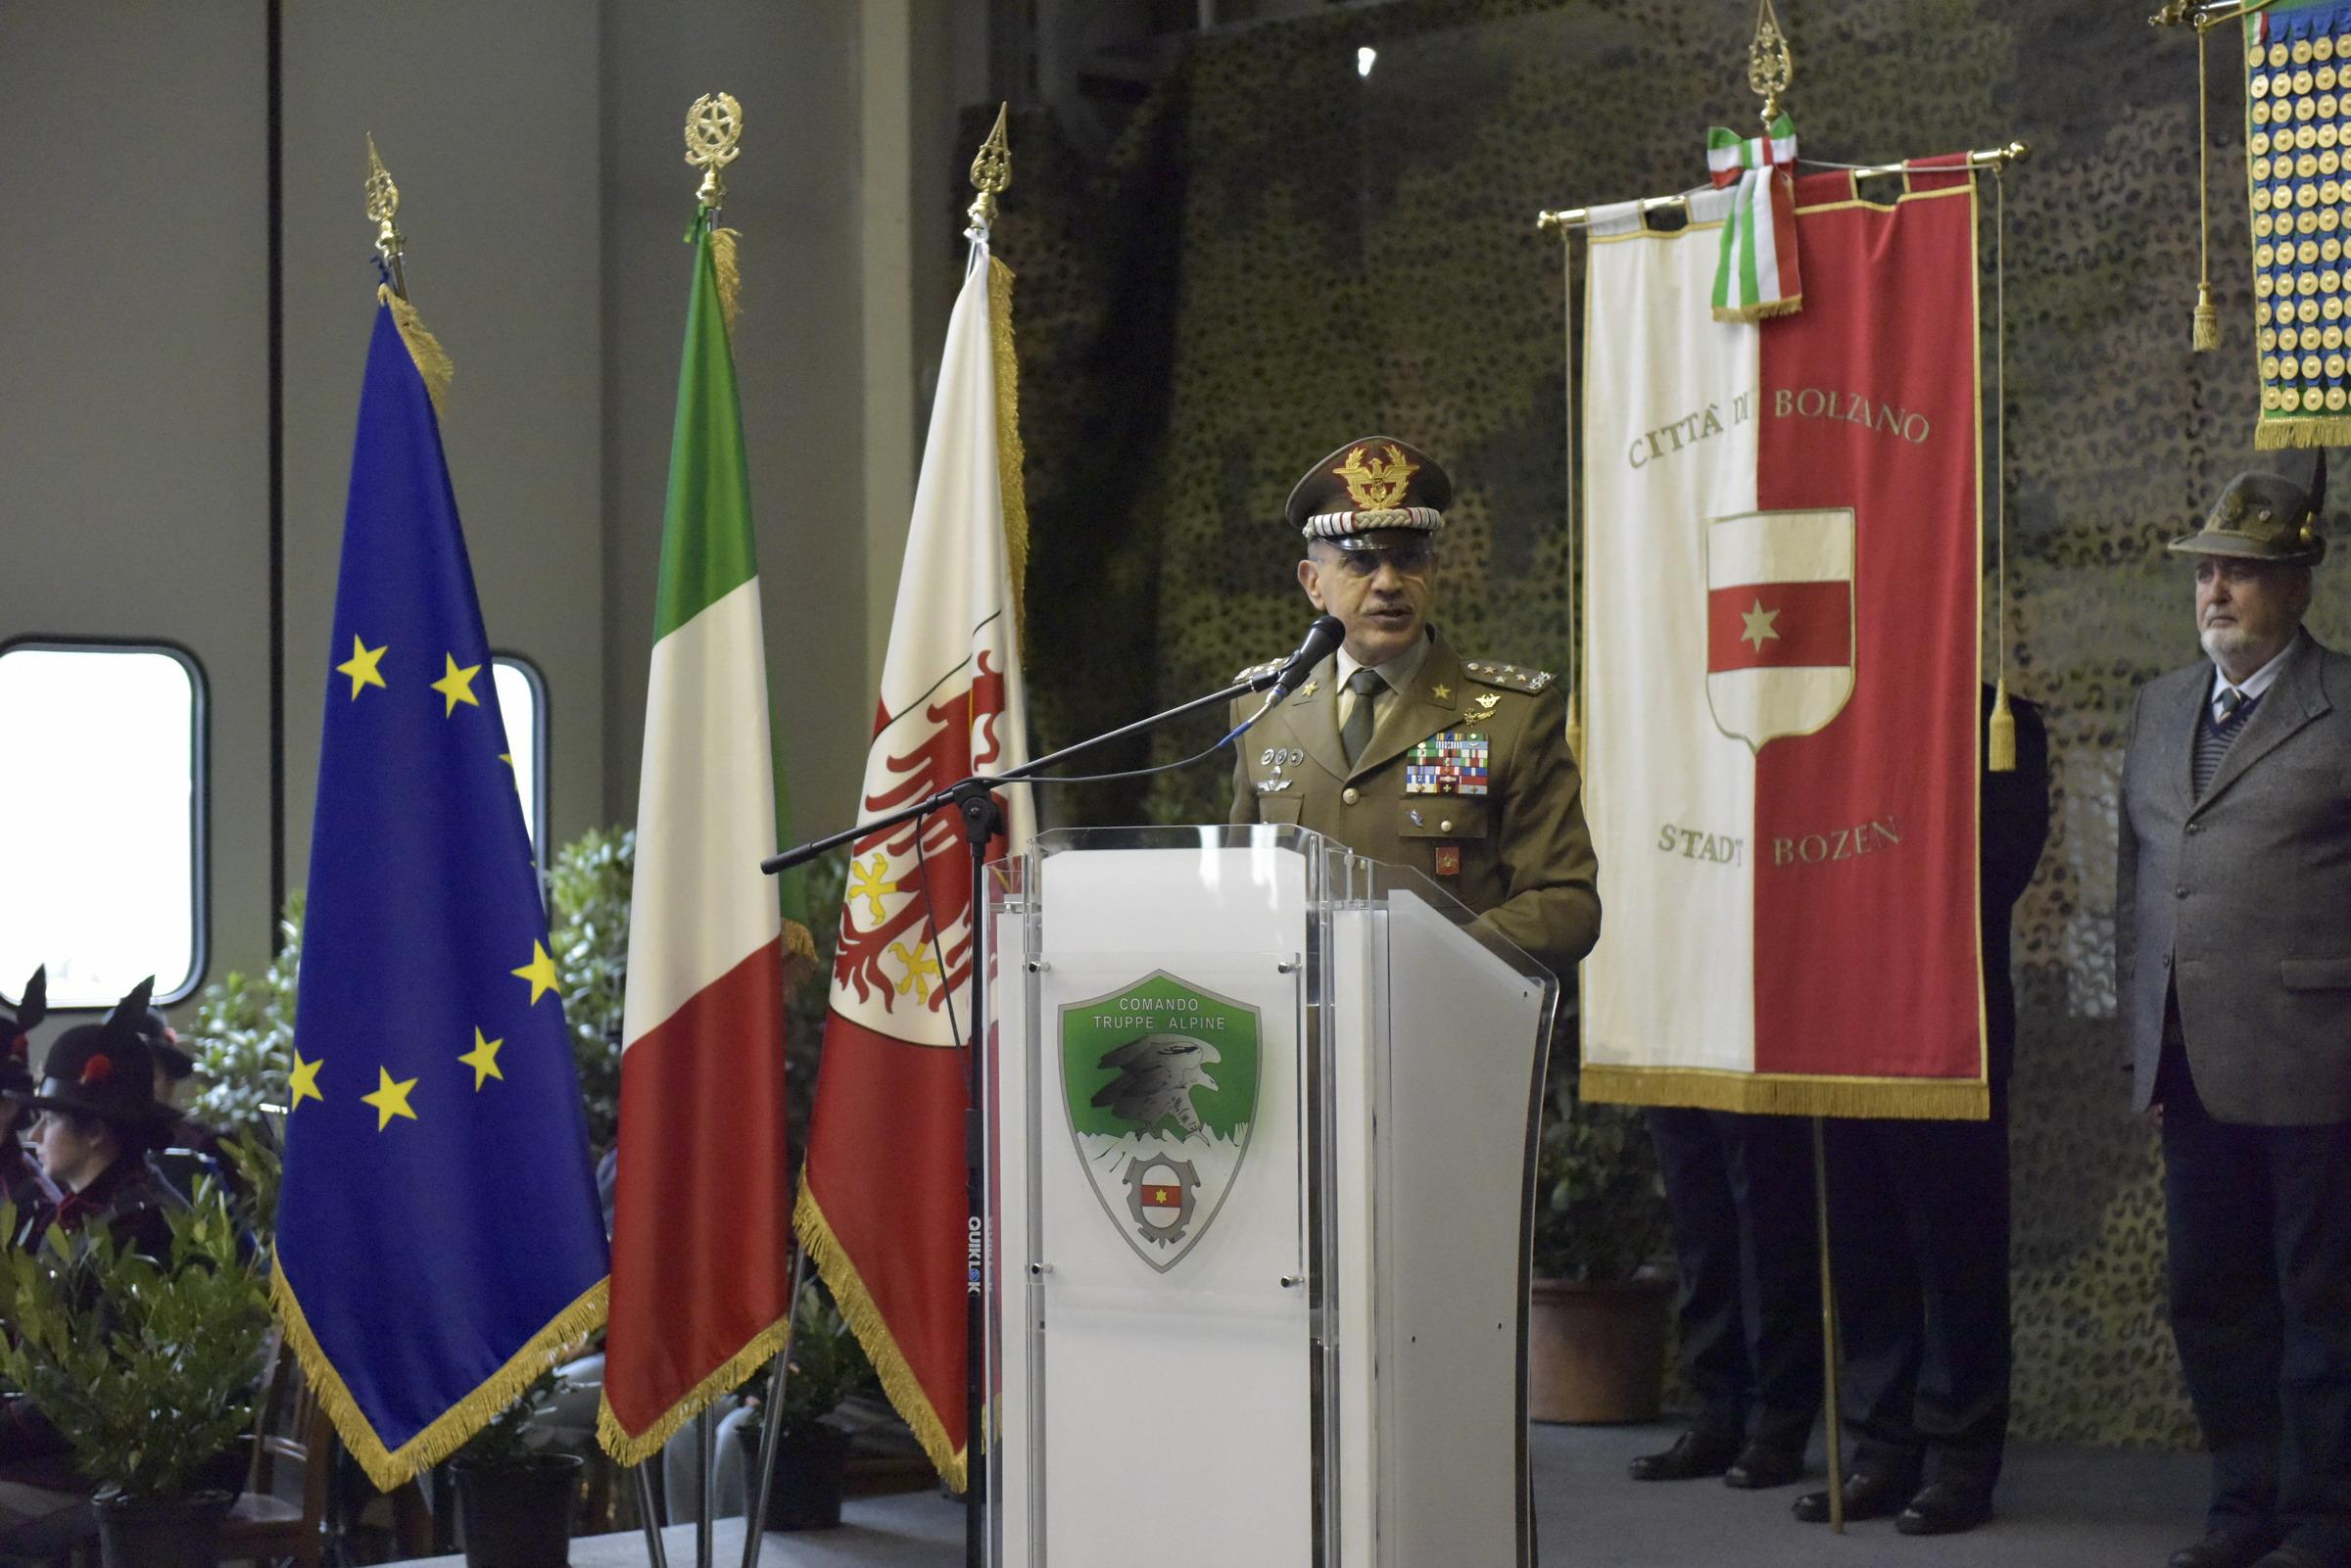 Allocuzione del Capo di Stato Maggiore dell'Esercito Generale C.A. Danilo ERRICO - Copia - Copia